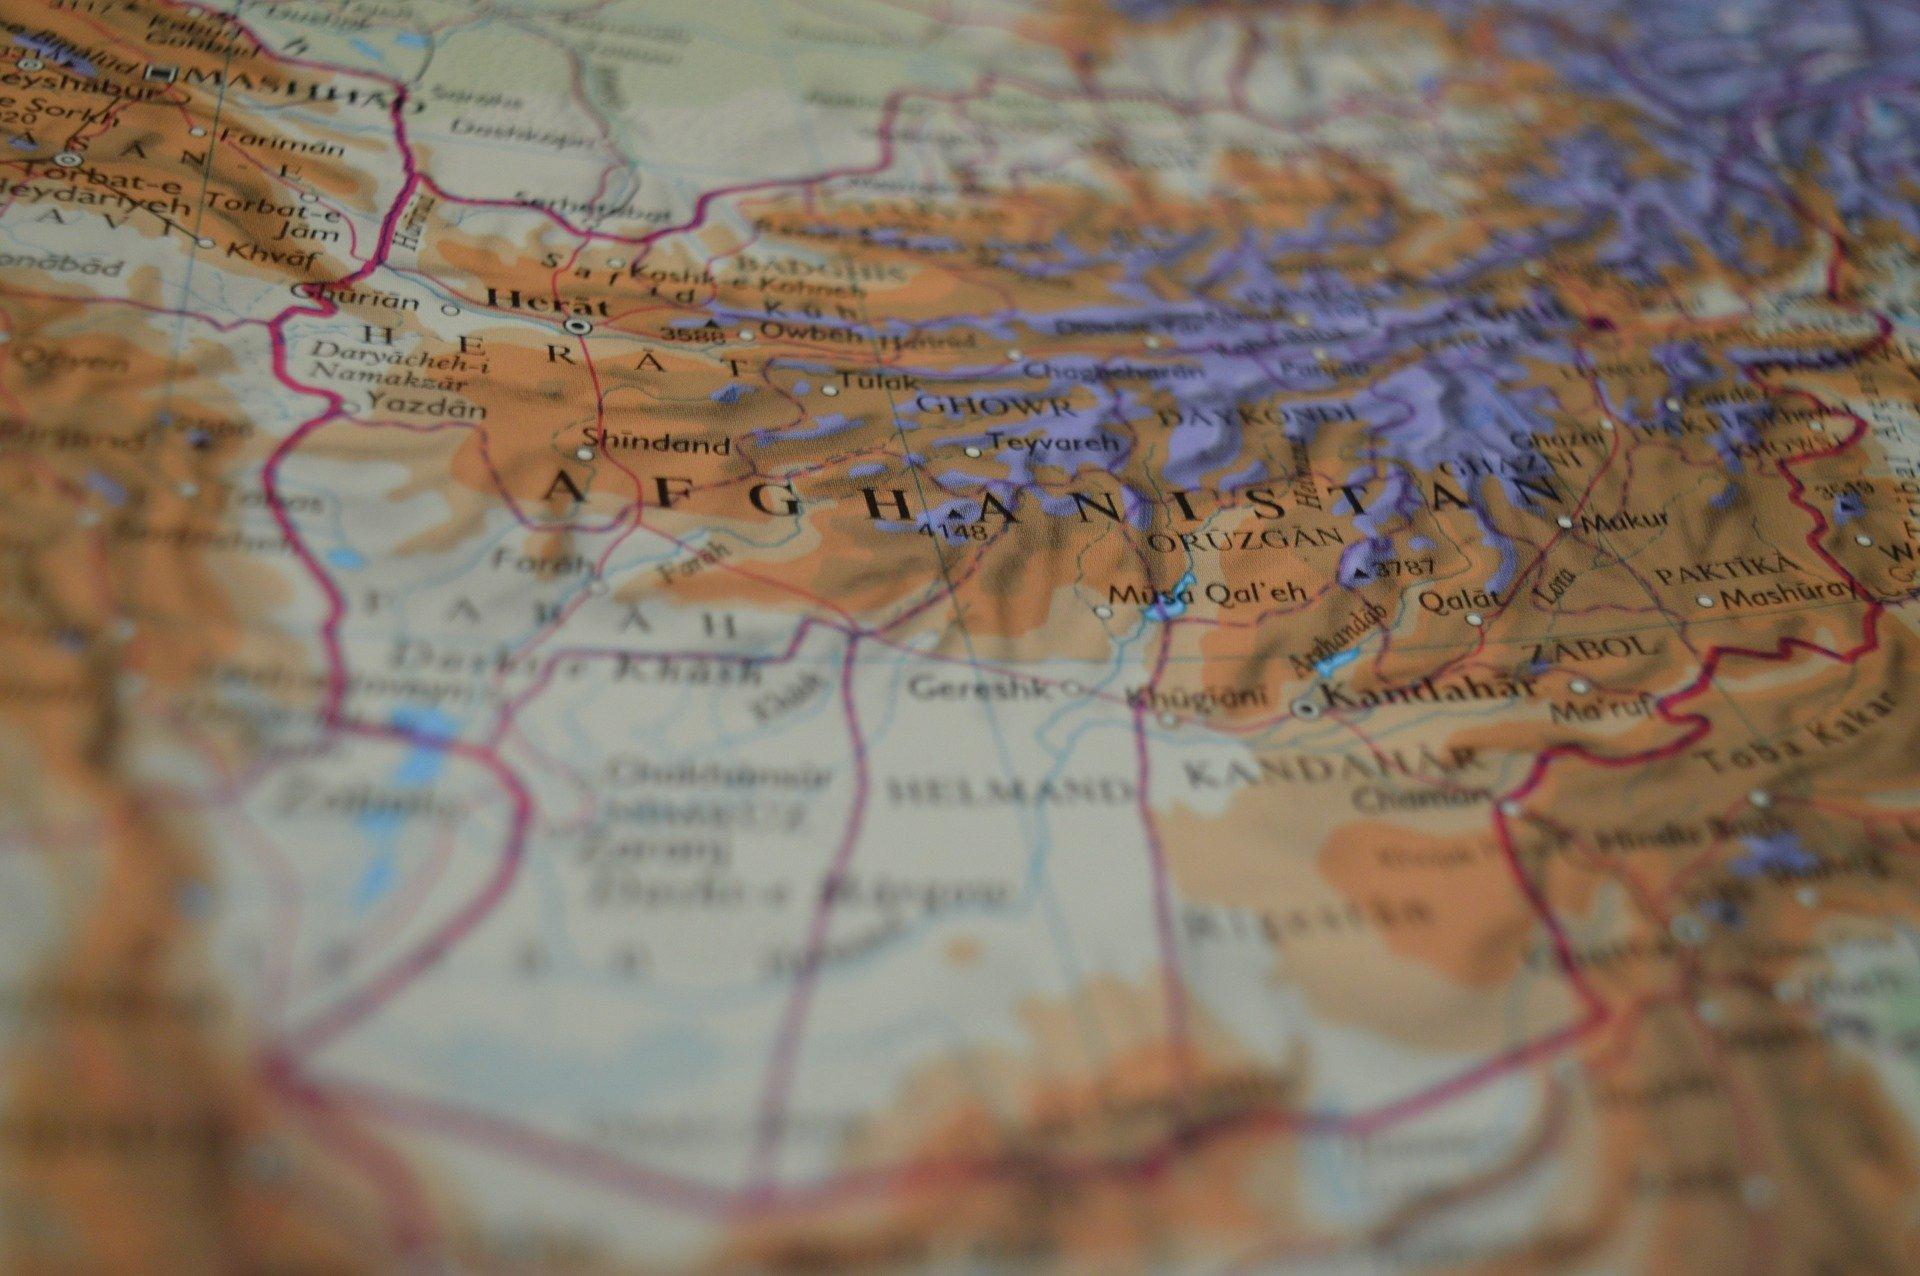 Fichas que entregan ayuda humanitaria en Afganistán